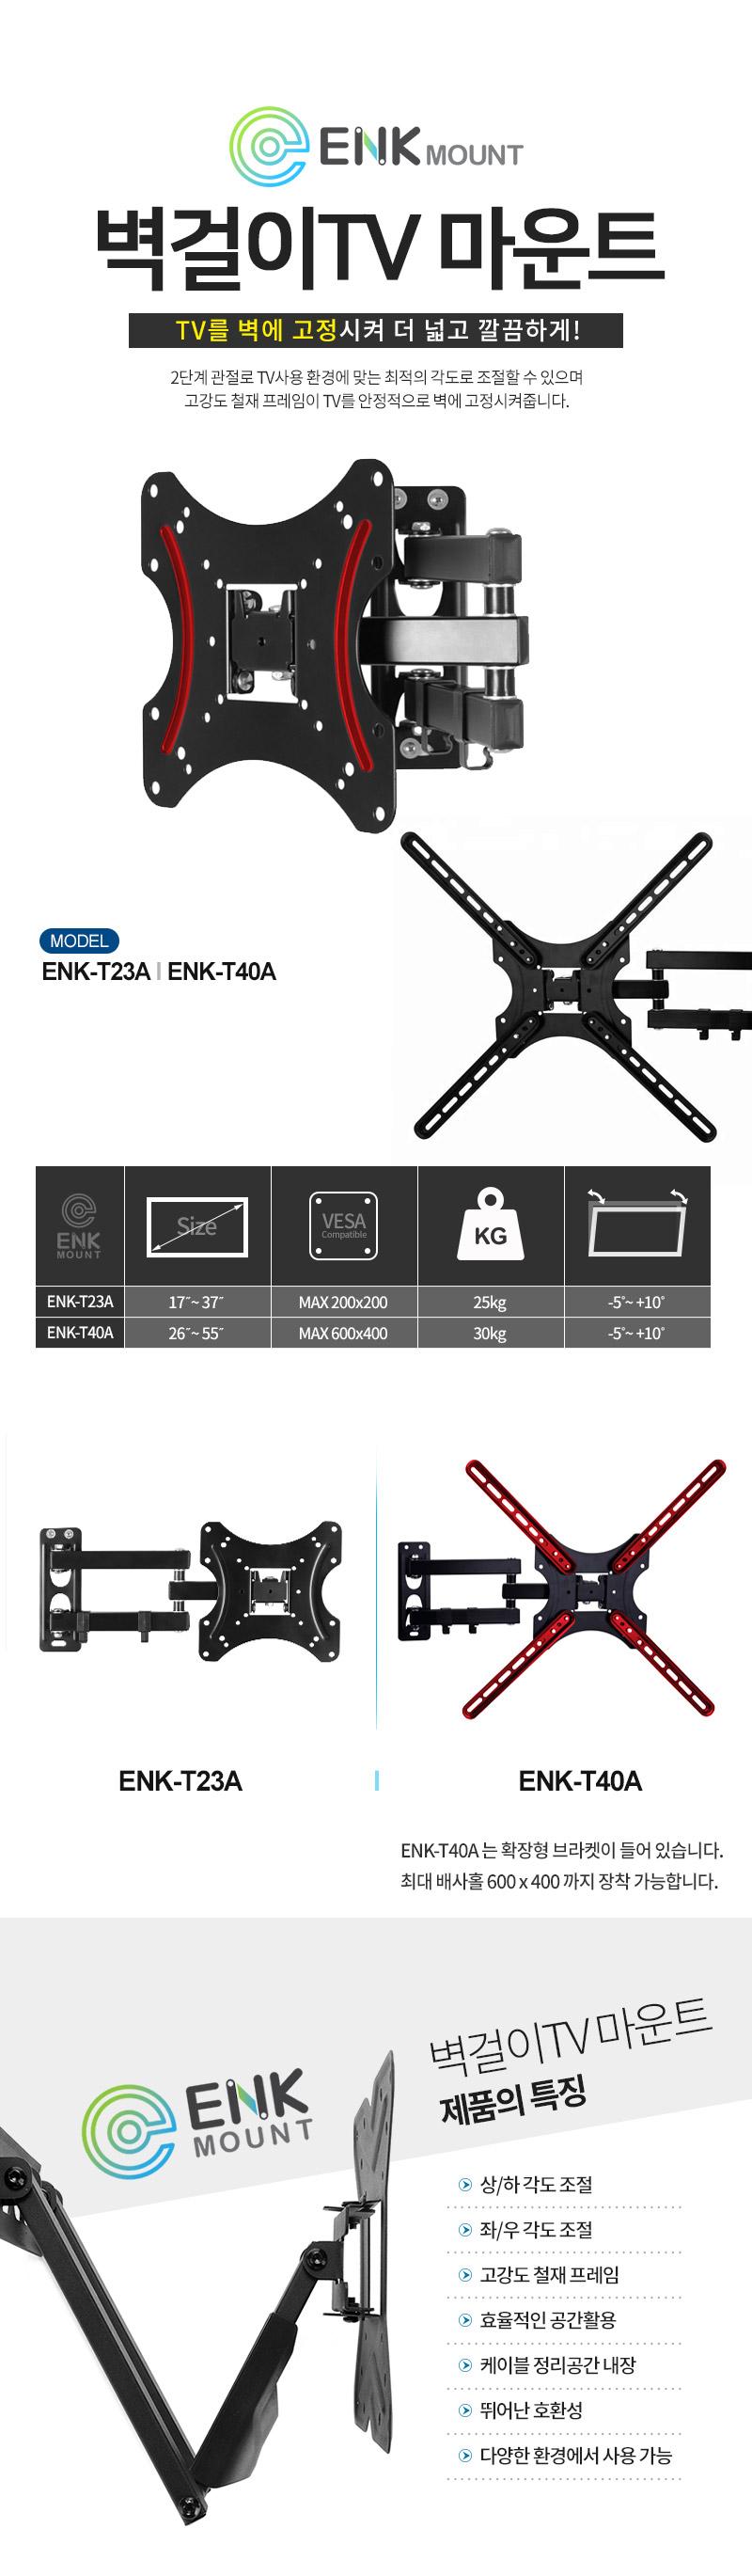 copy_ENK-T40A_01.jpg